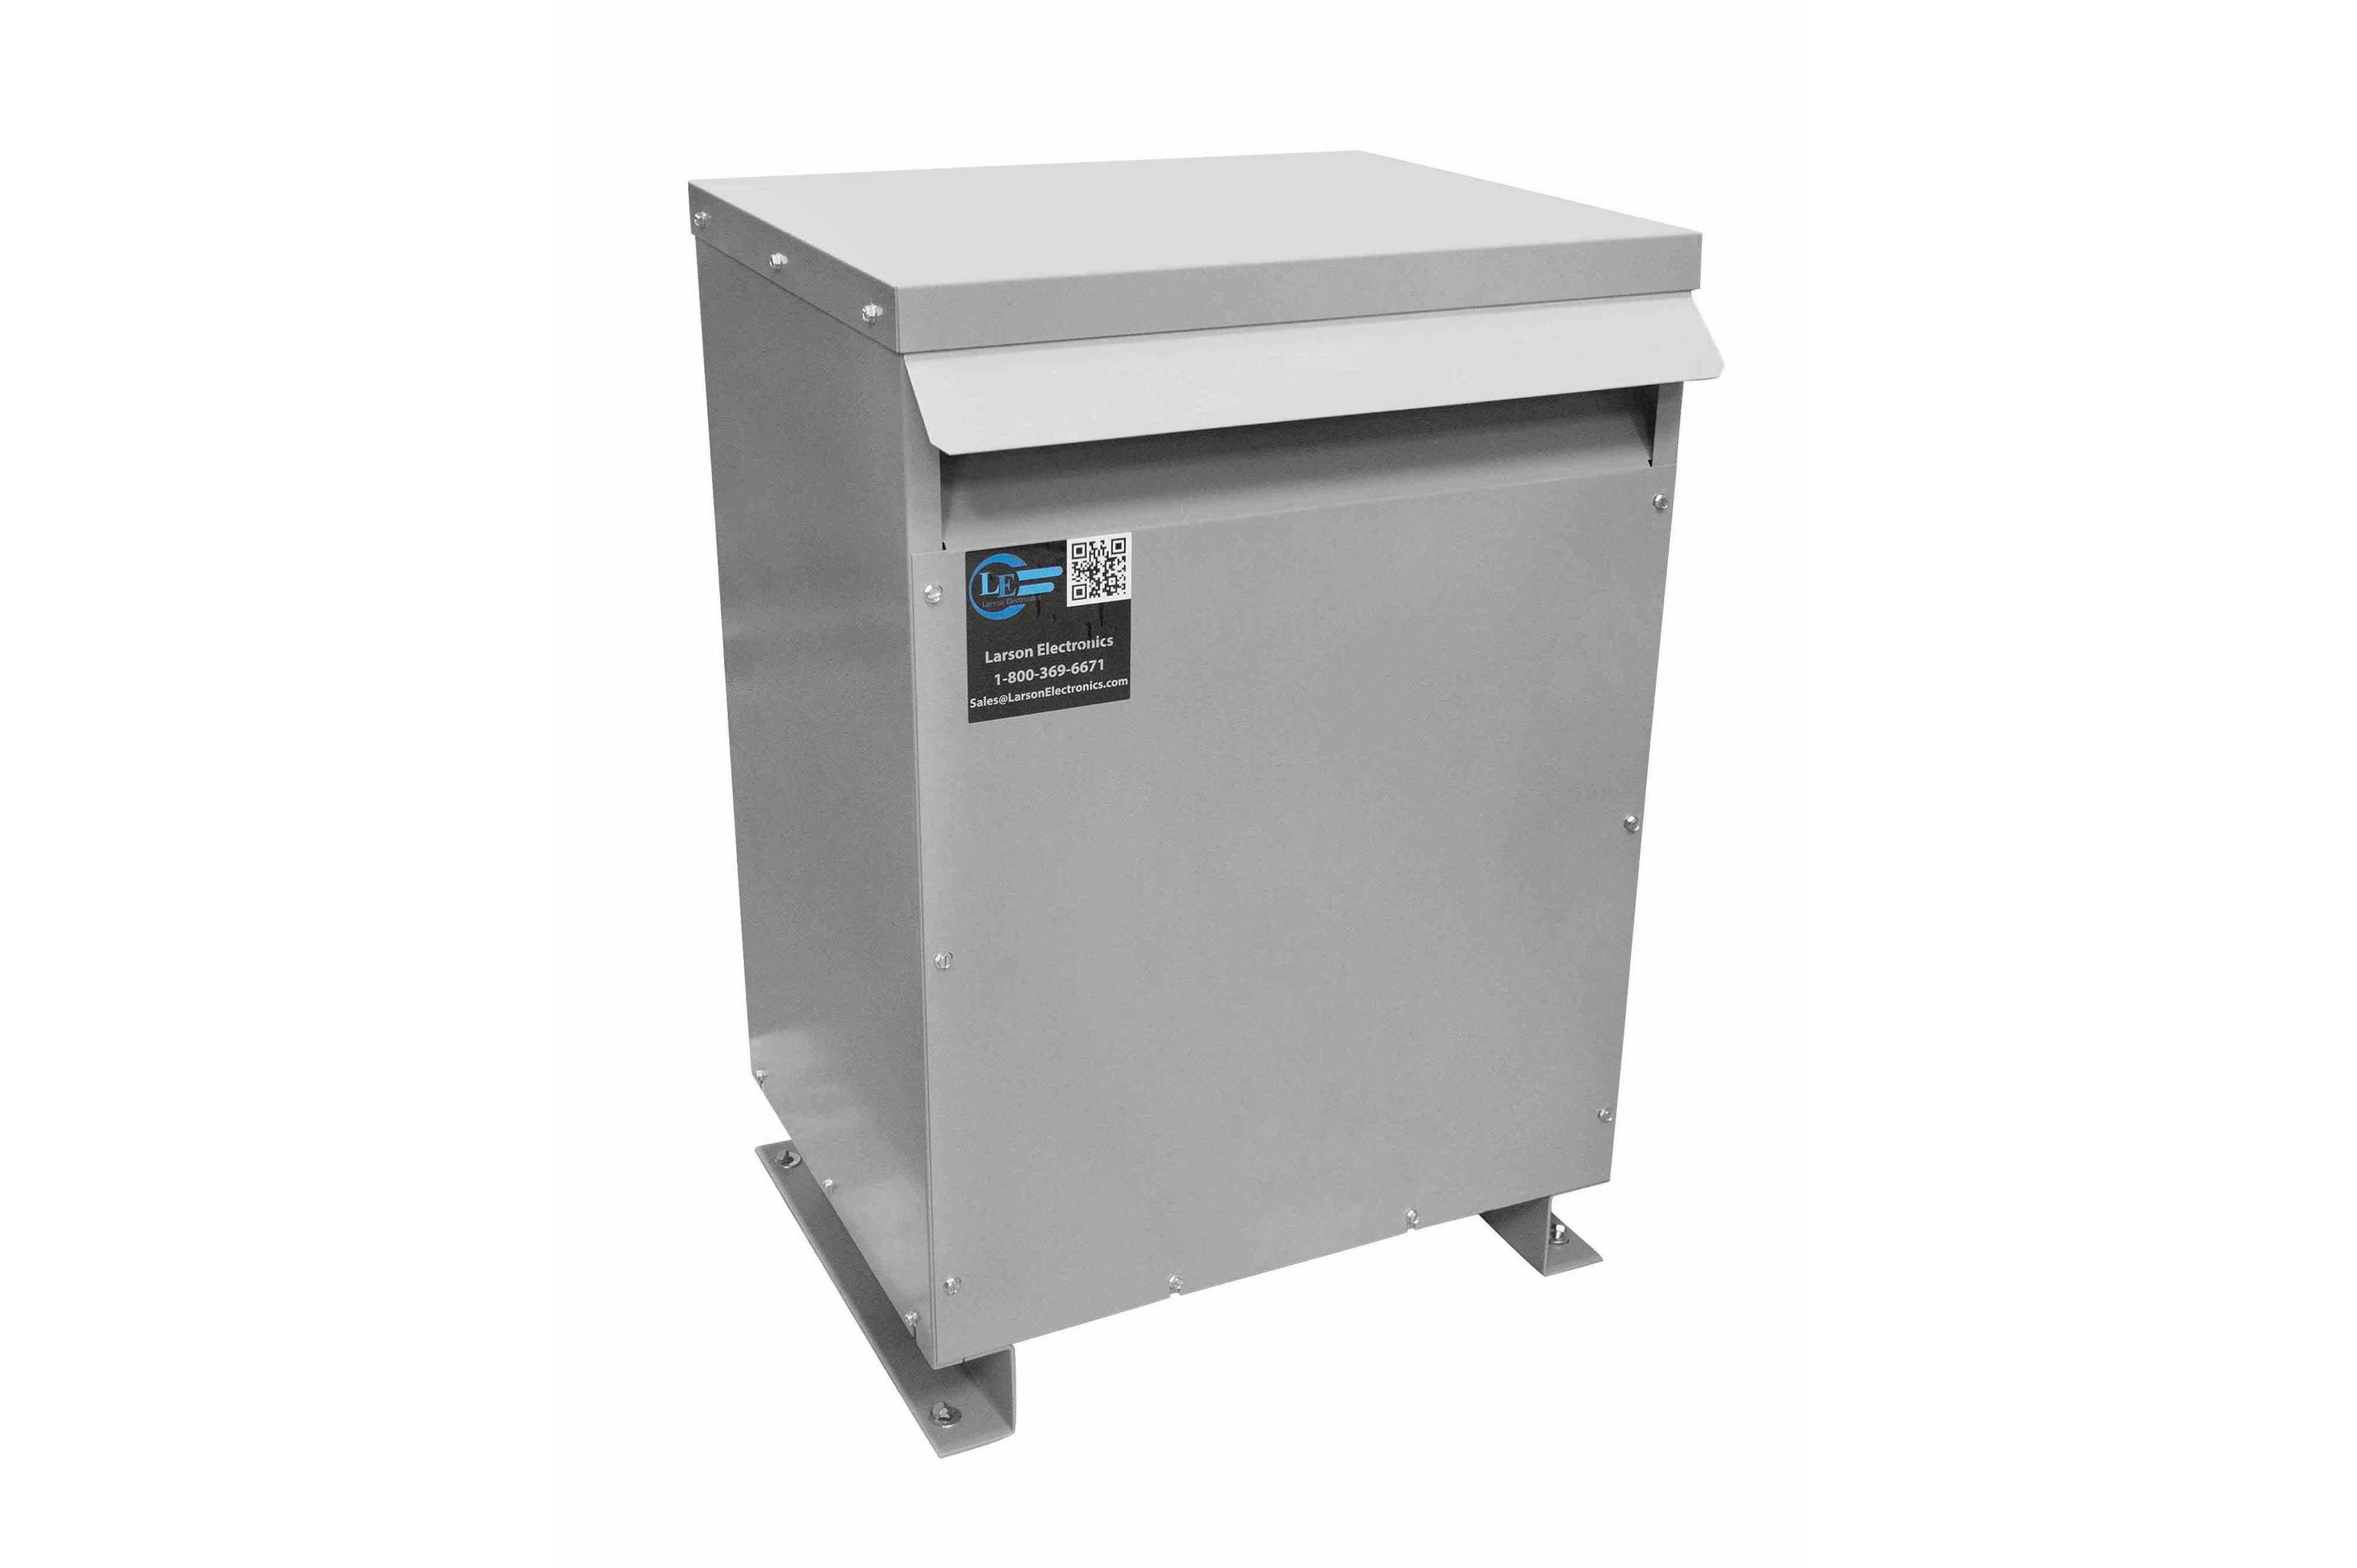 15 kVA 3PH Isolation Transformer, 415V Delta Primary, 208V Delta Secondary, N3R, Ventilated, 60 Hz